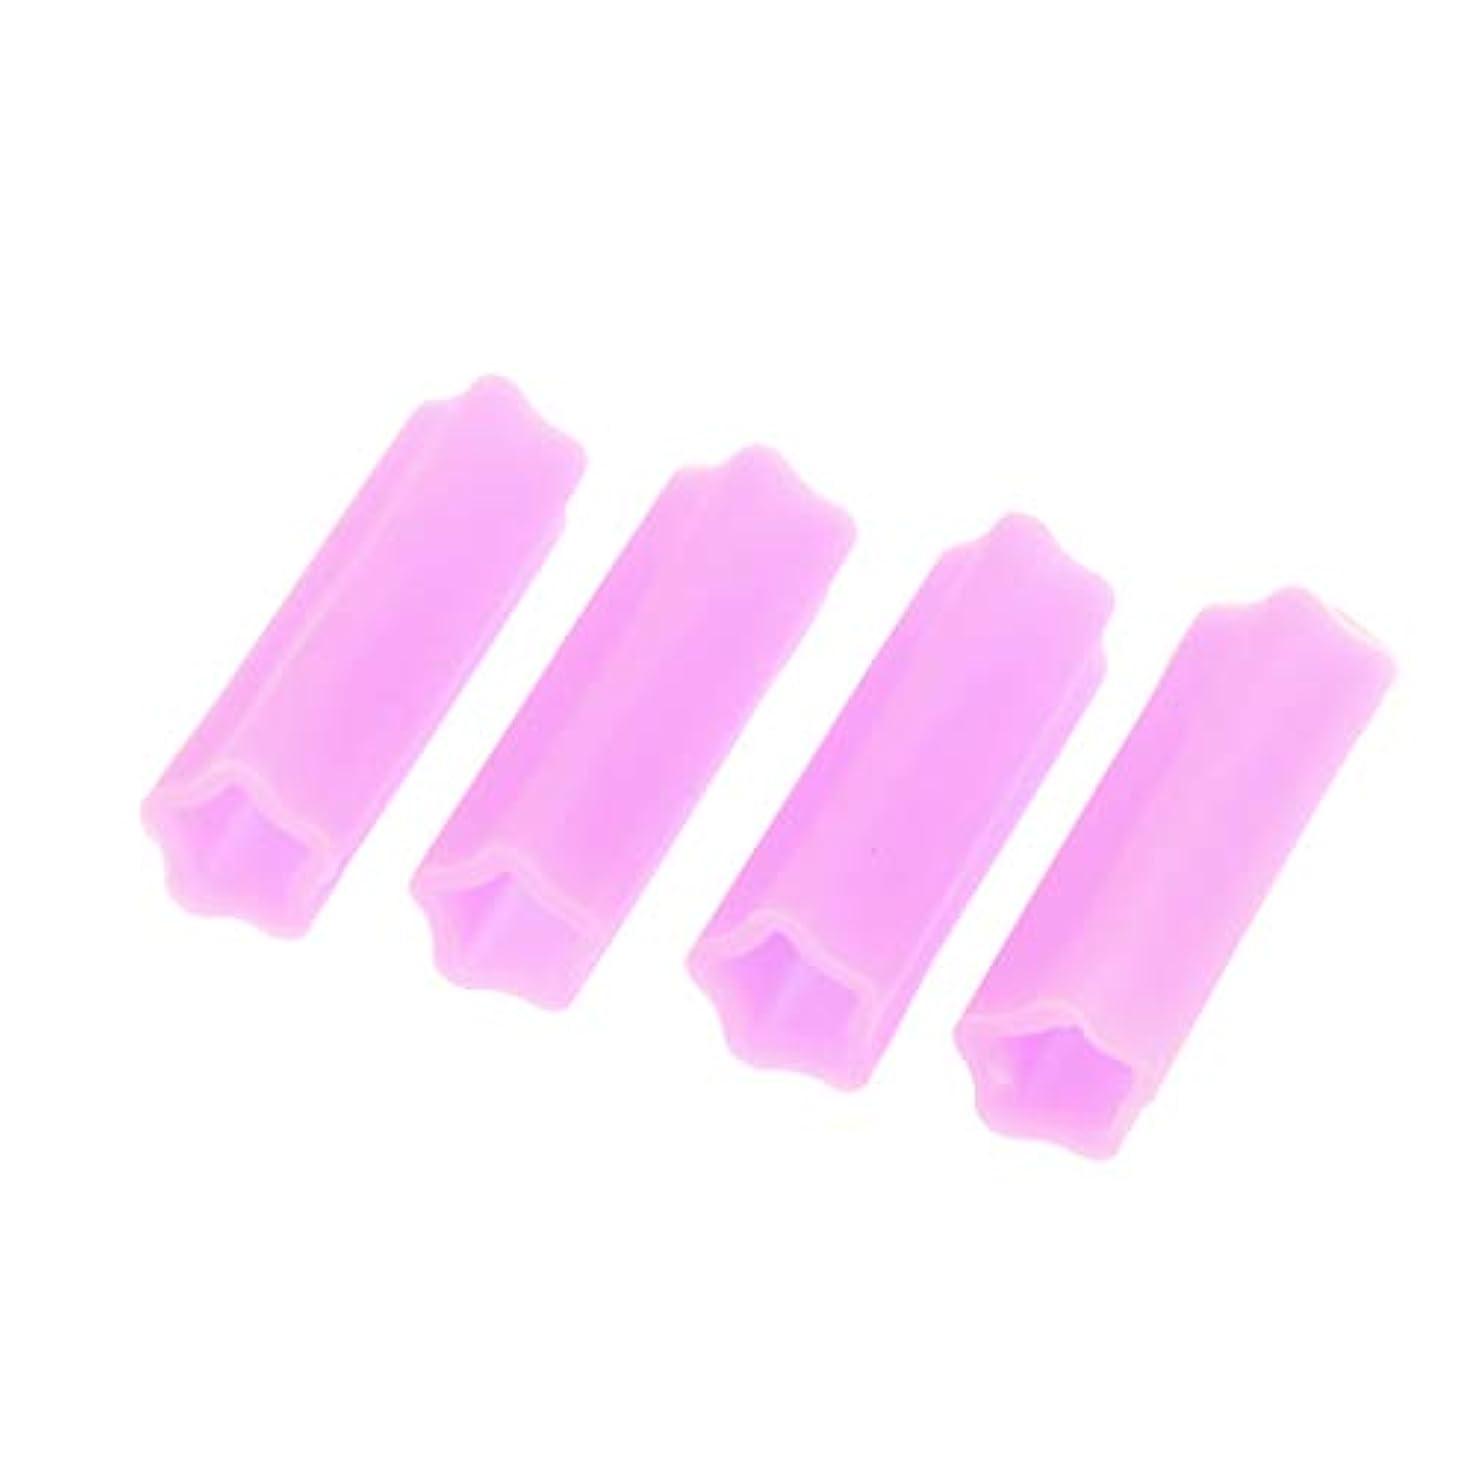 キューティクルニッパー保護カバー アクリルネイル用ツール ネイル道具 ケアツール 4個入り 全5色 - 紫の